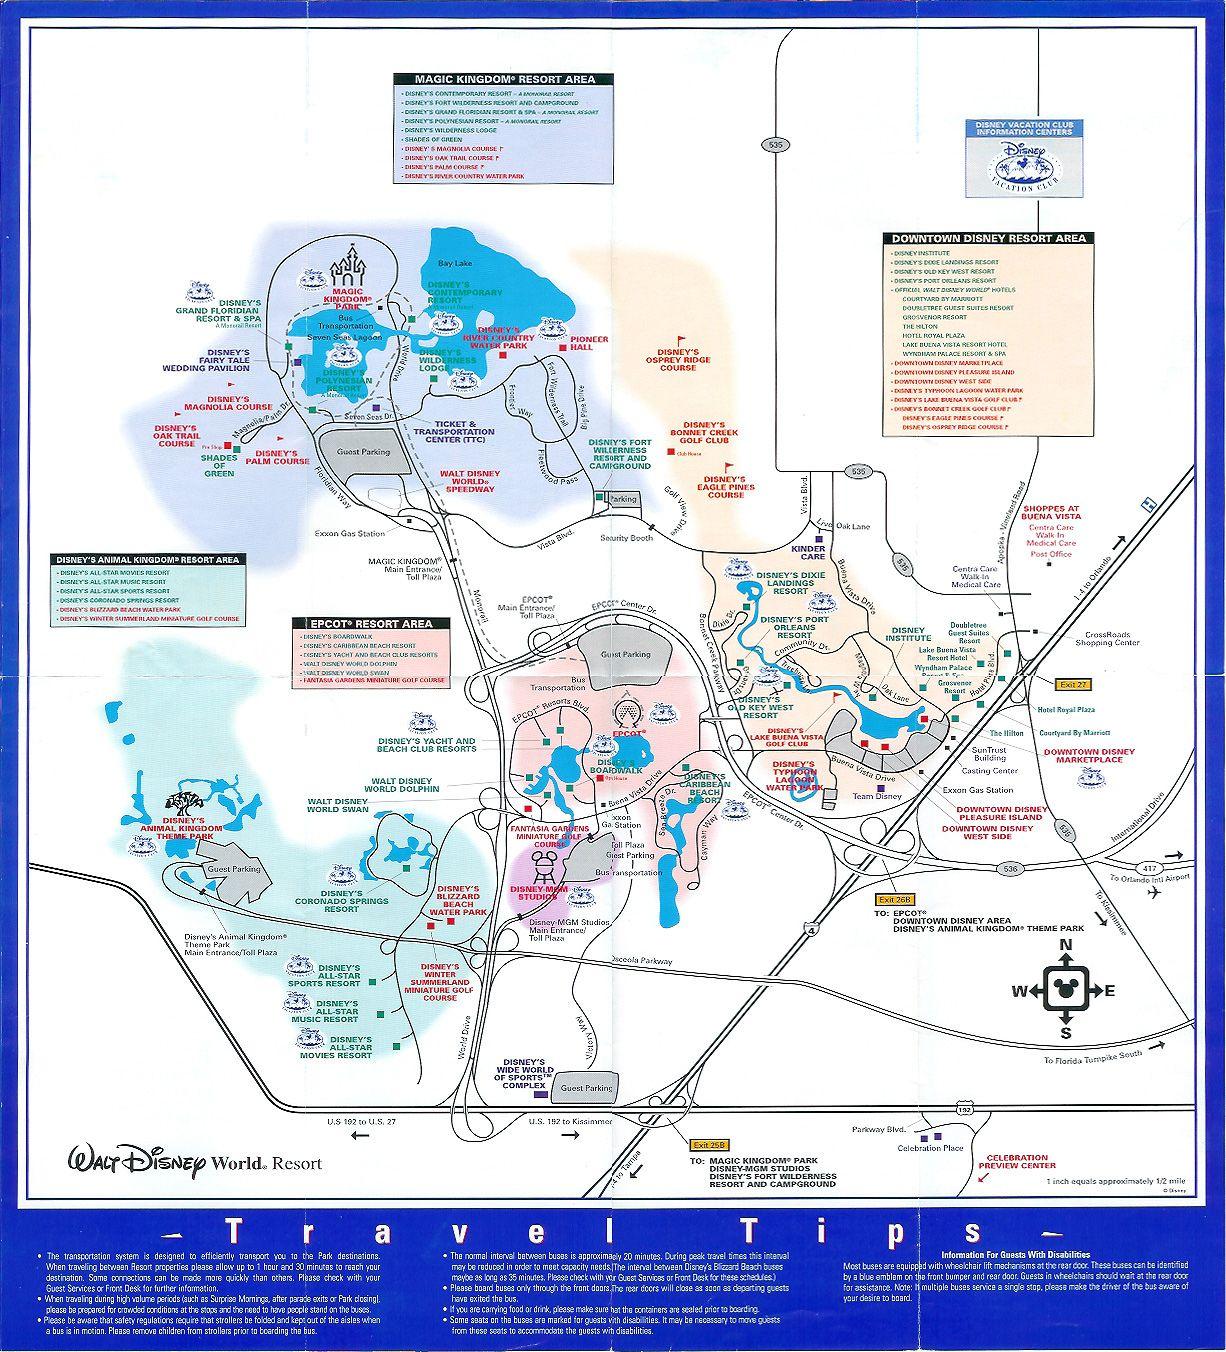 Walt Disney World Property - 2003 | Theme Park Maps... | Pinterest ...